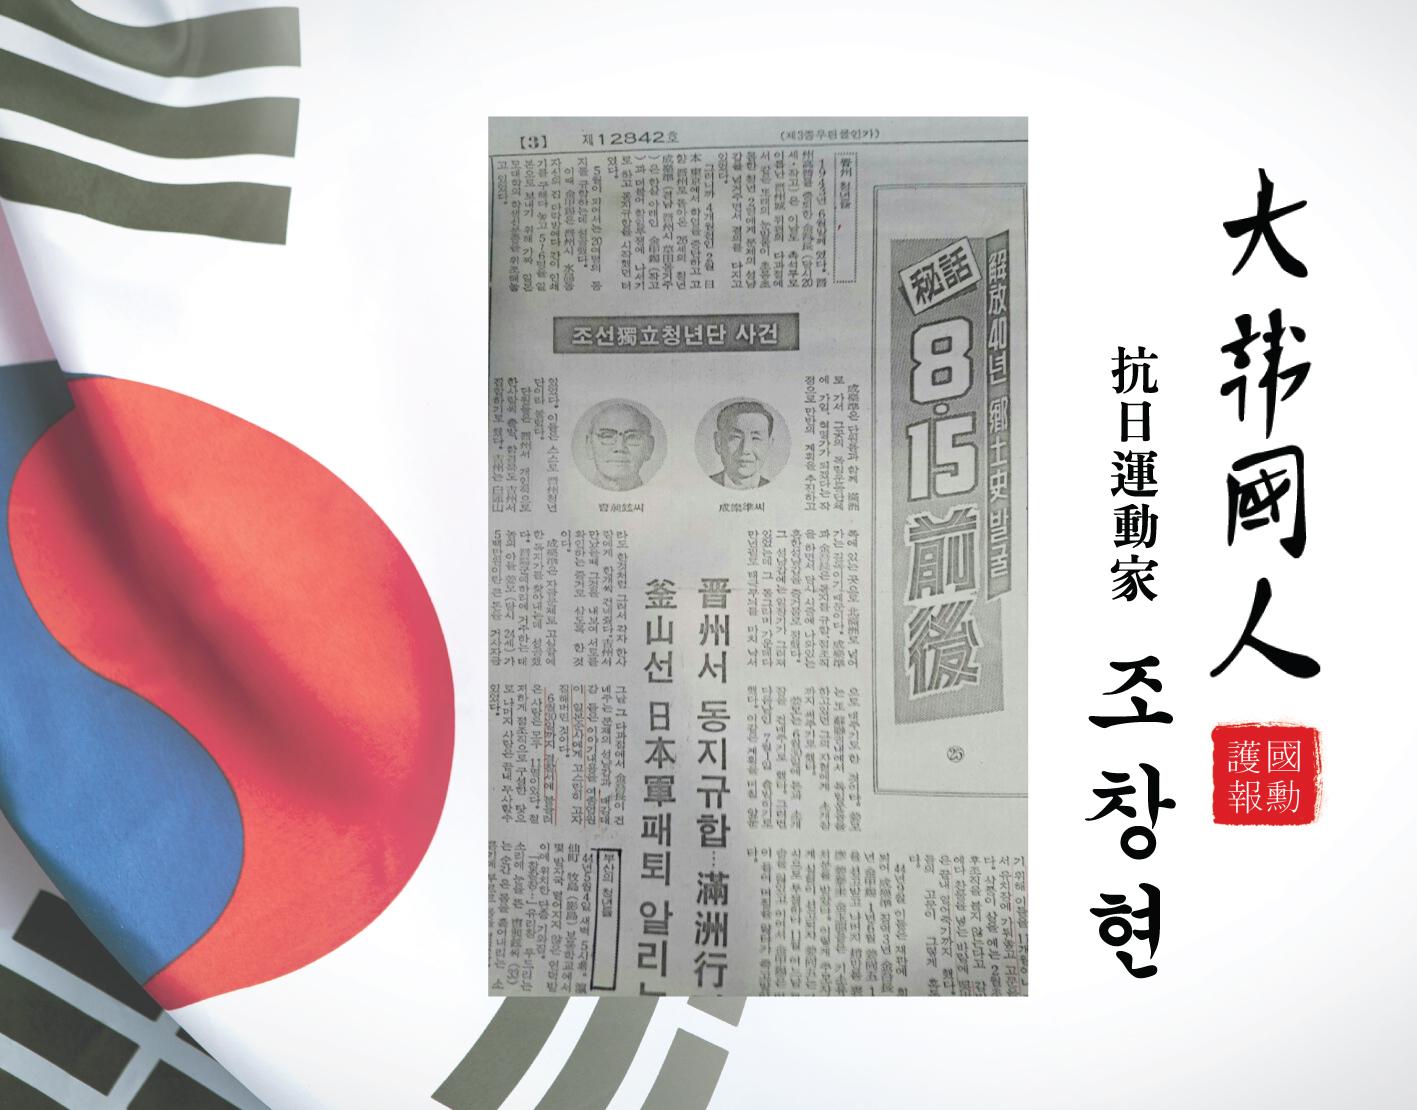 독립운동가 조창현옹의 아들로 태어나 오직 투철한 국가관으로 대한민국의 국익을 우선하겠습니다.